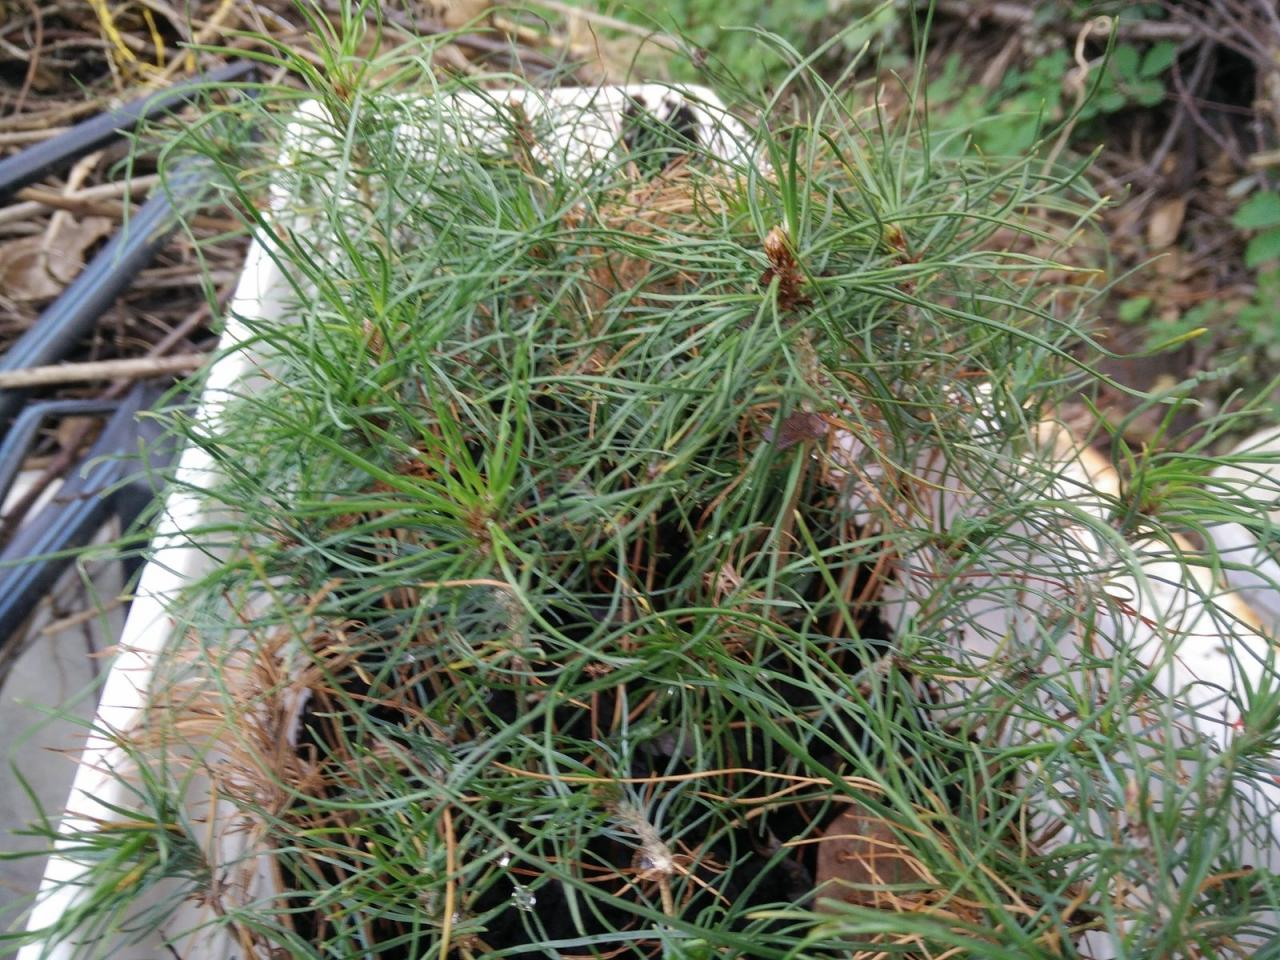 Sadzenie i przesadzanie sosny, cechy rozmnażania roślin